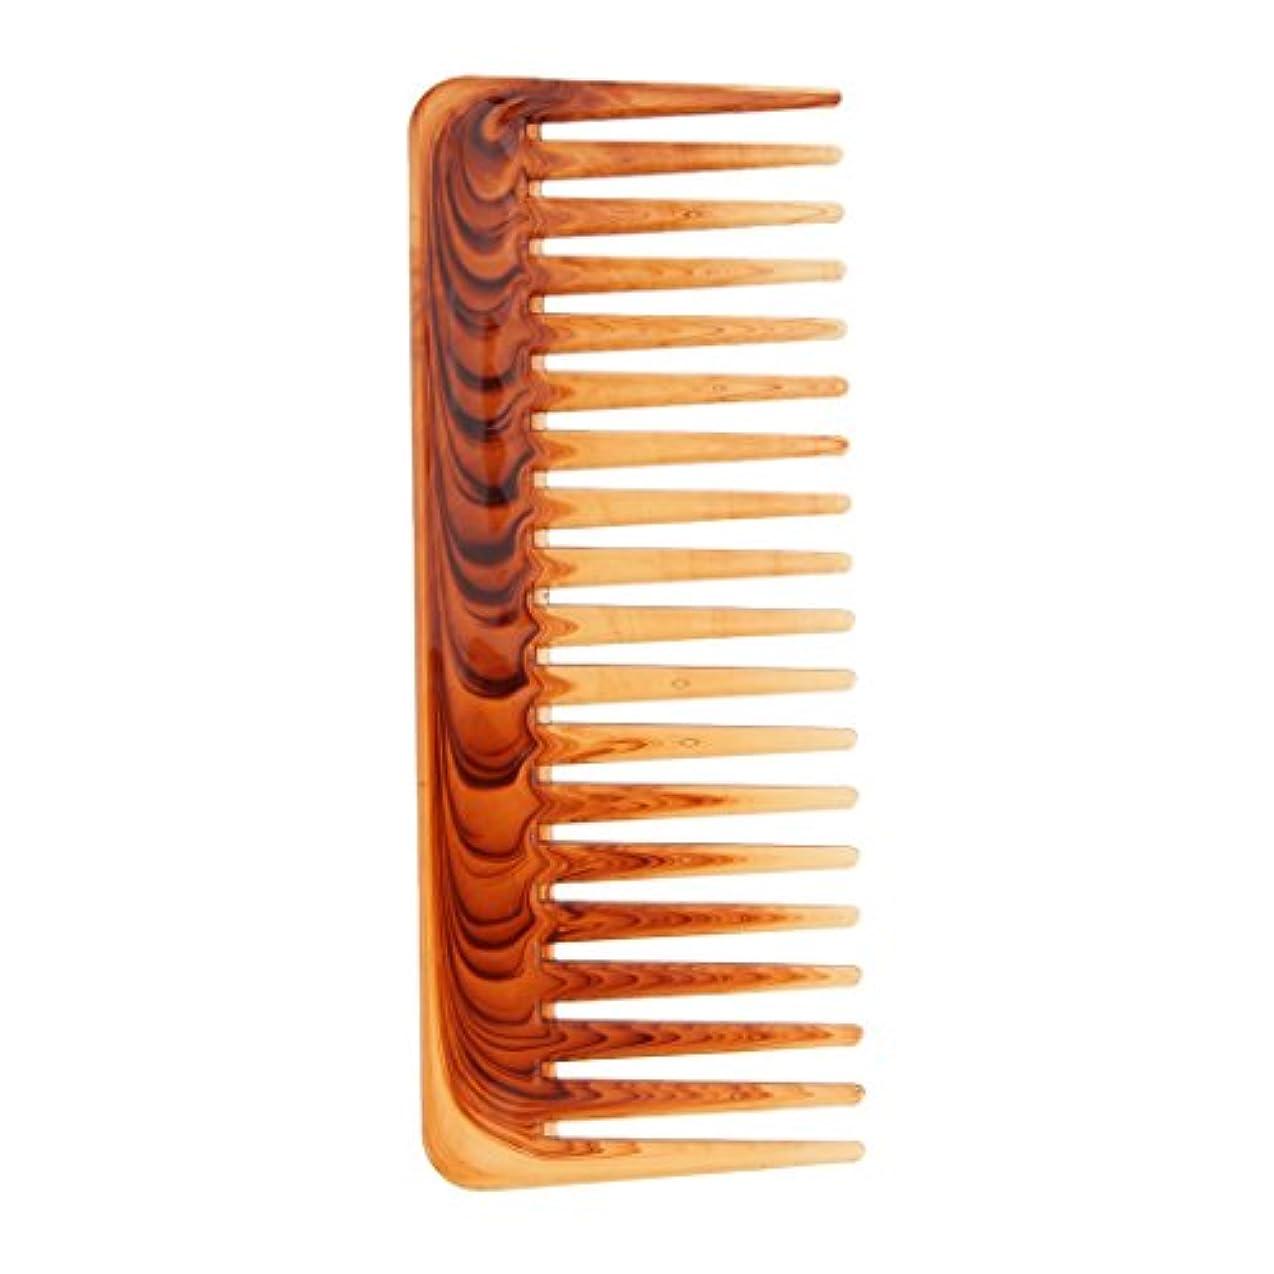 変化する元気なレジToygogo 髪の毛のもつれを解くヘアコンディショニング熊手櫛広い歯ヘアブラシツール